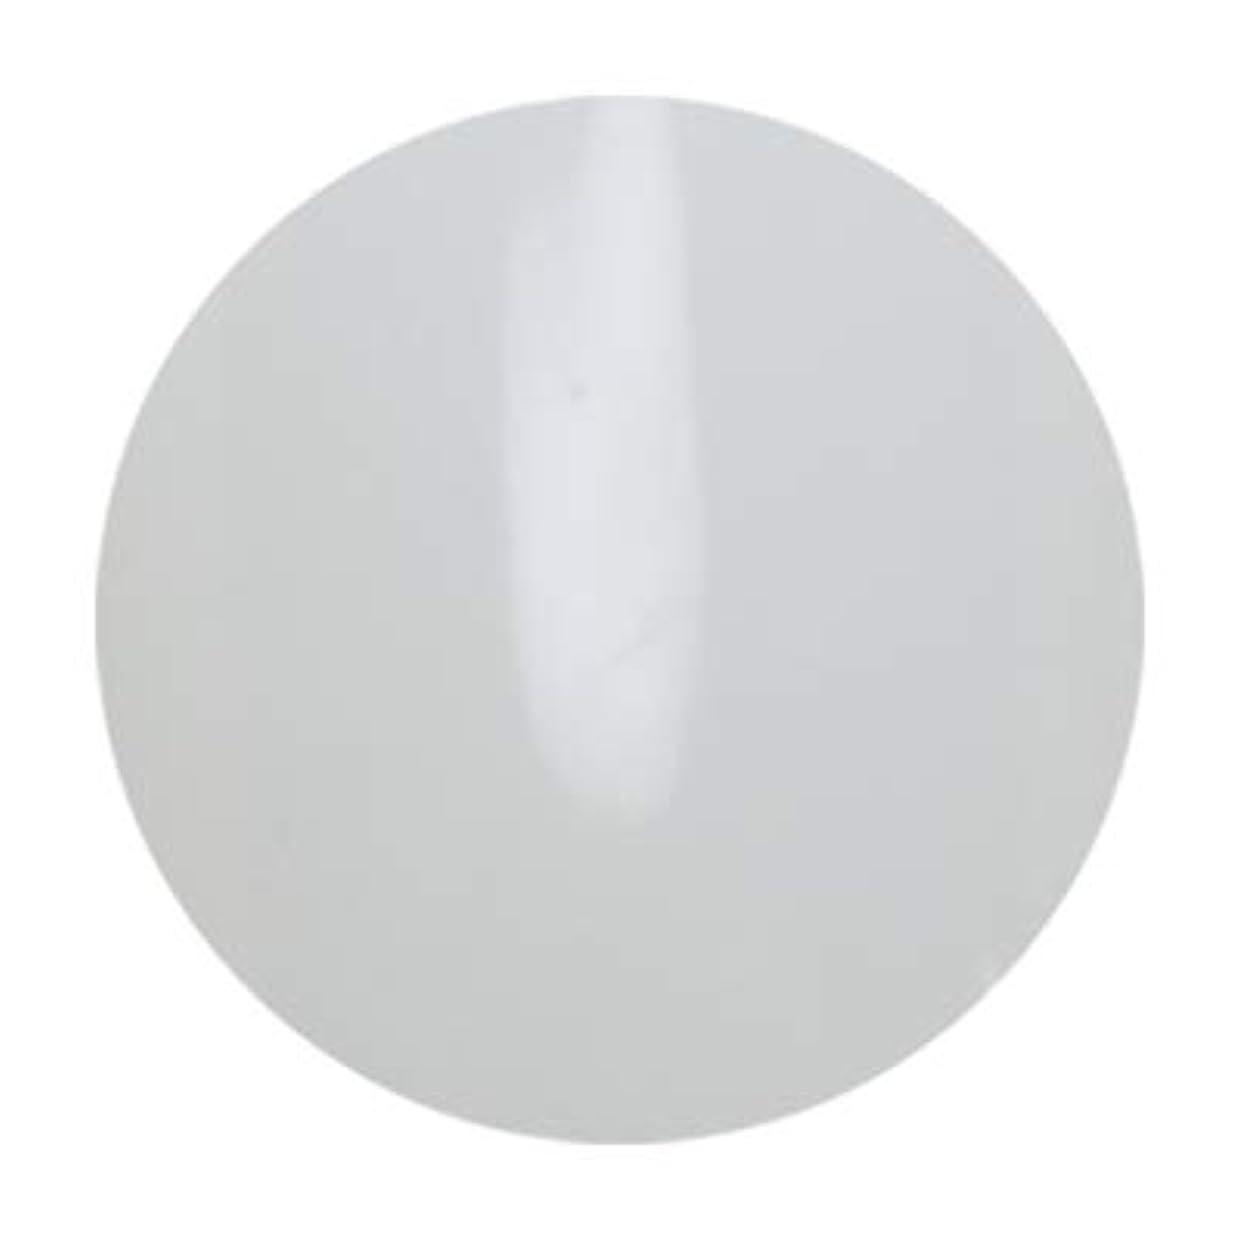 北東遡るどこかアンジェル ビルダーカラージェル ALB01 エベレスト 3g